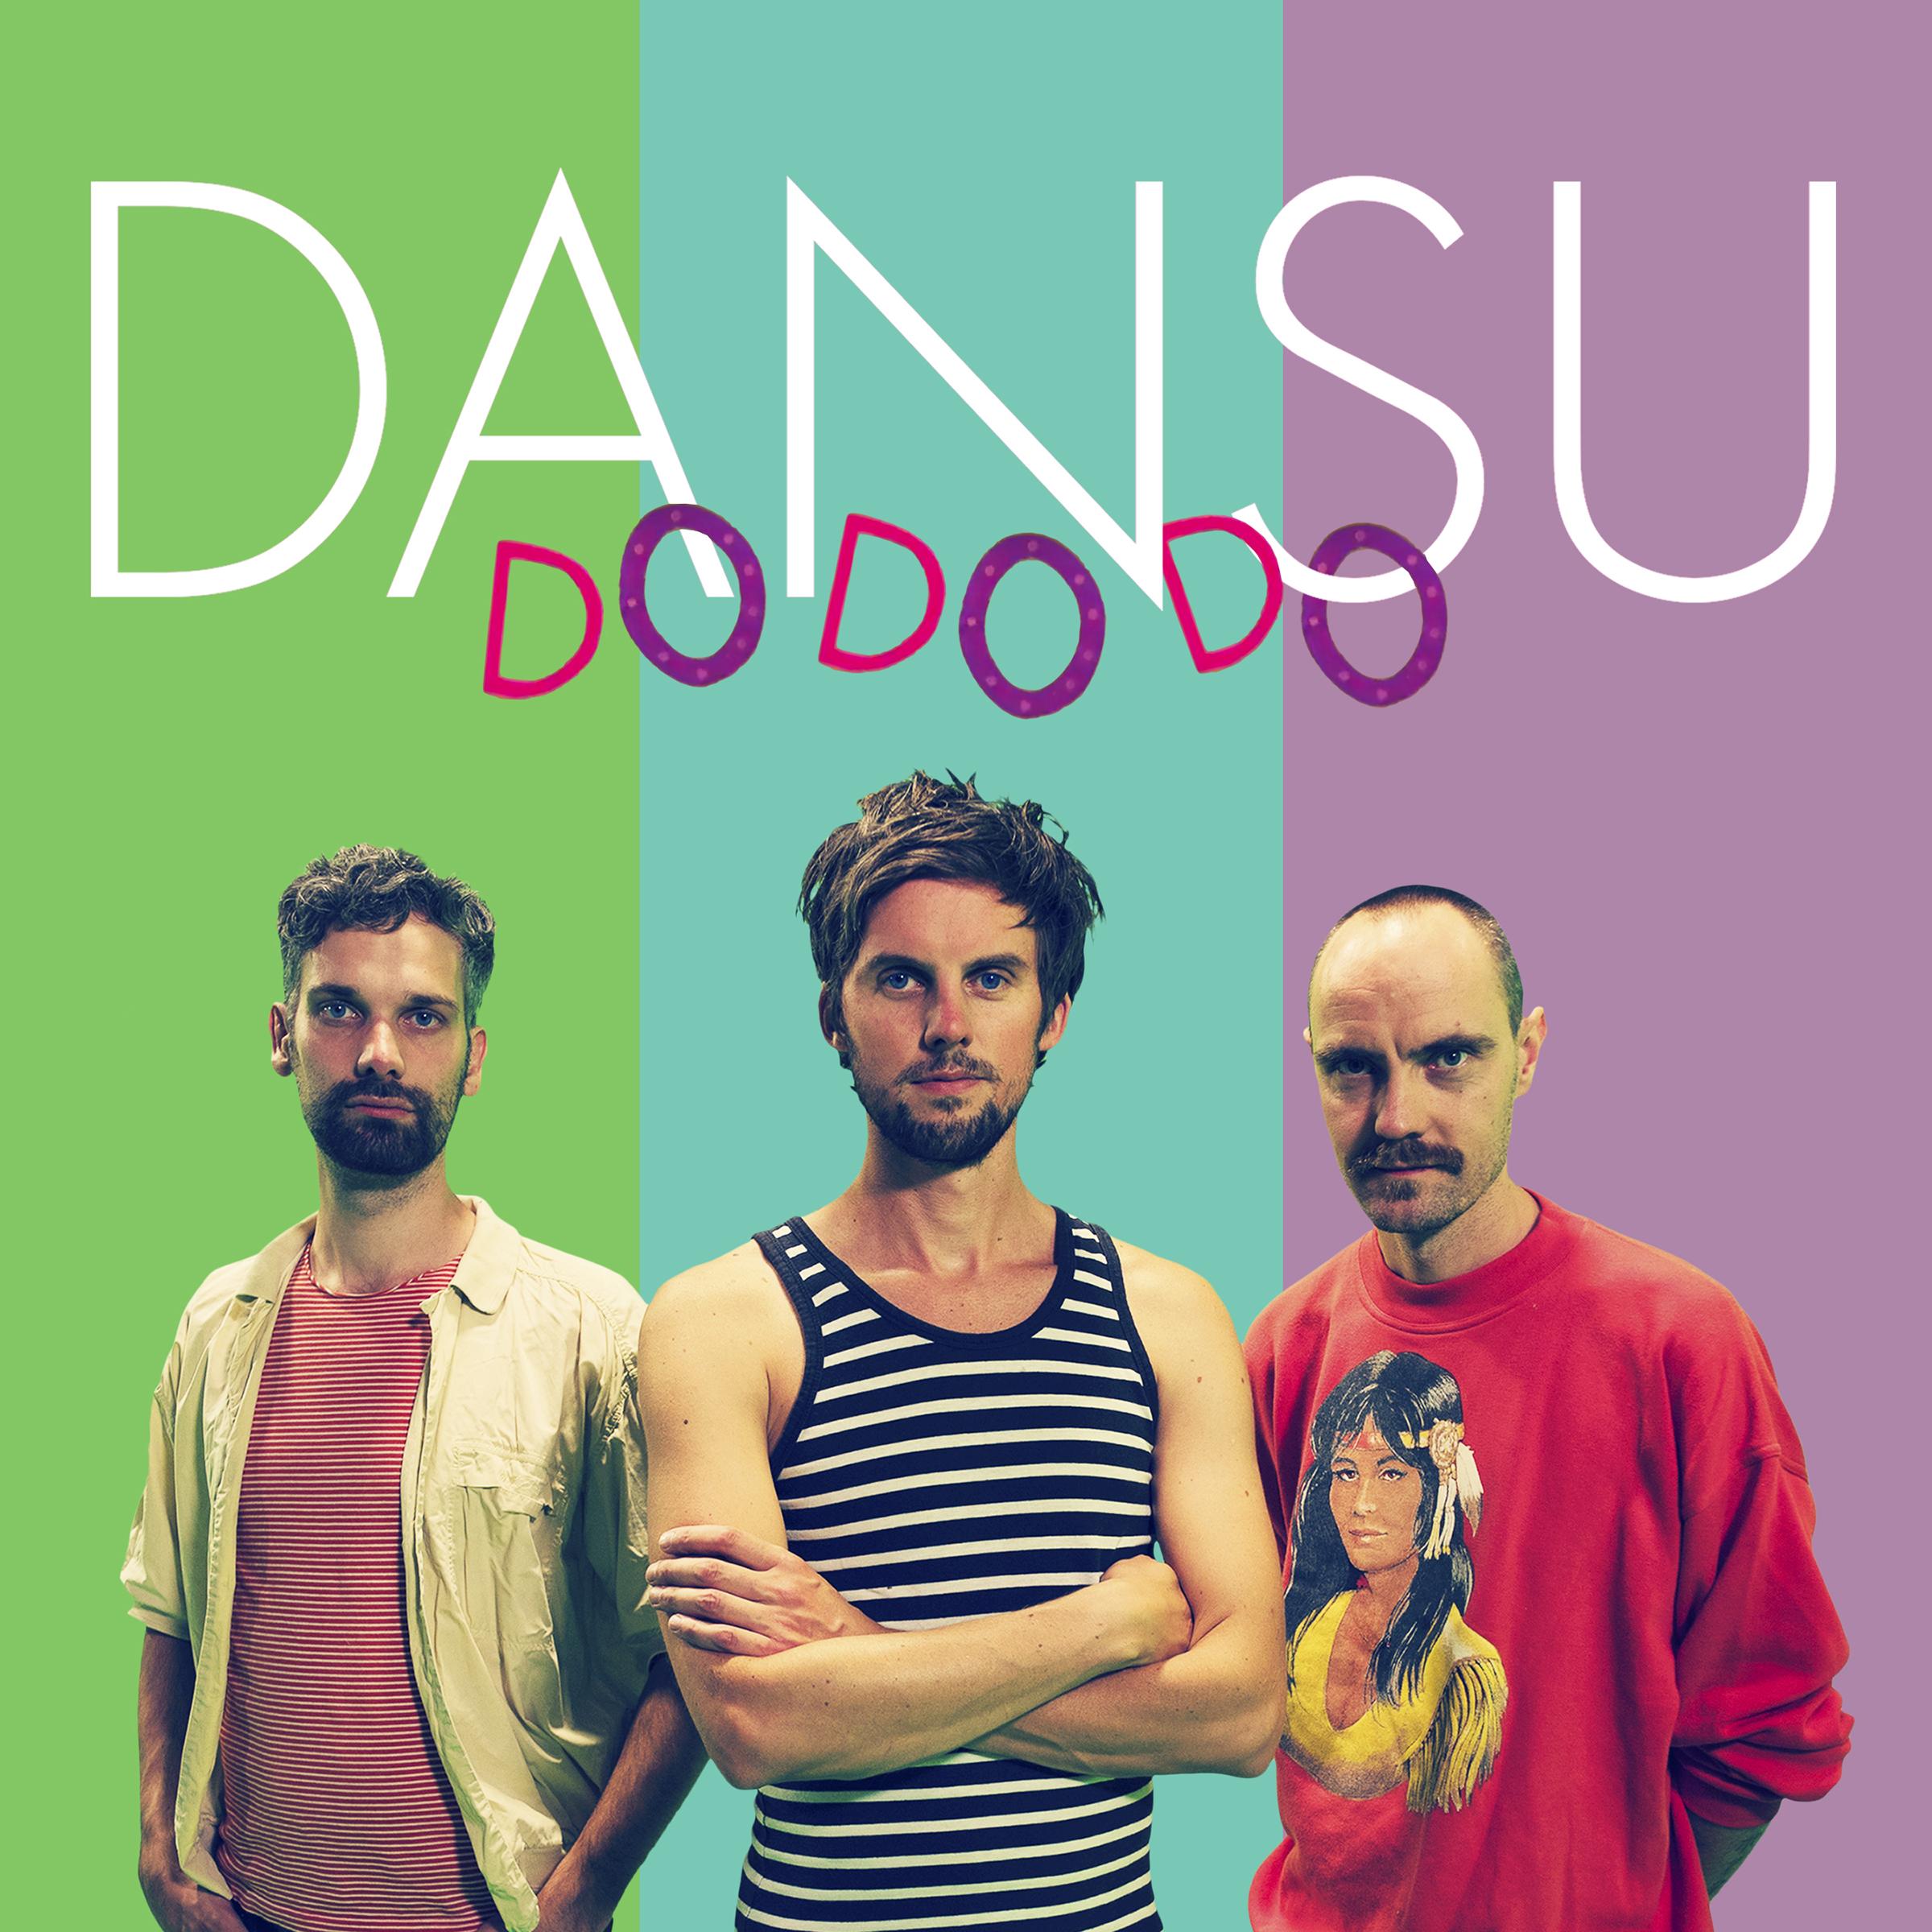 dansu_dododo